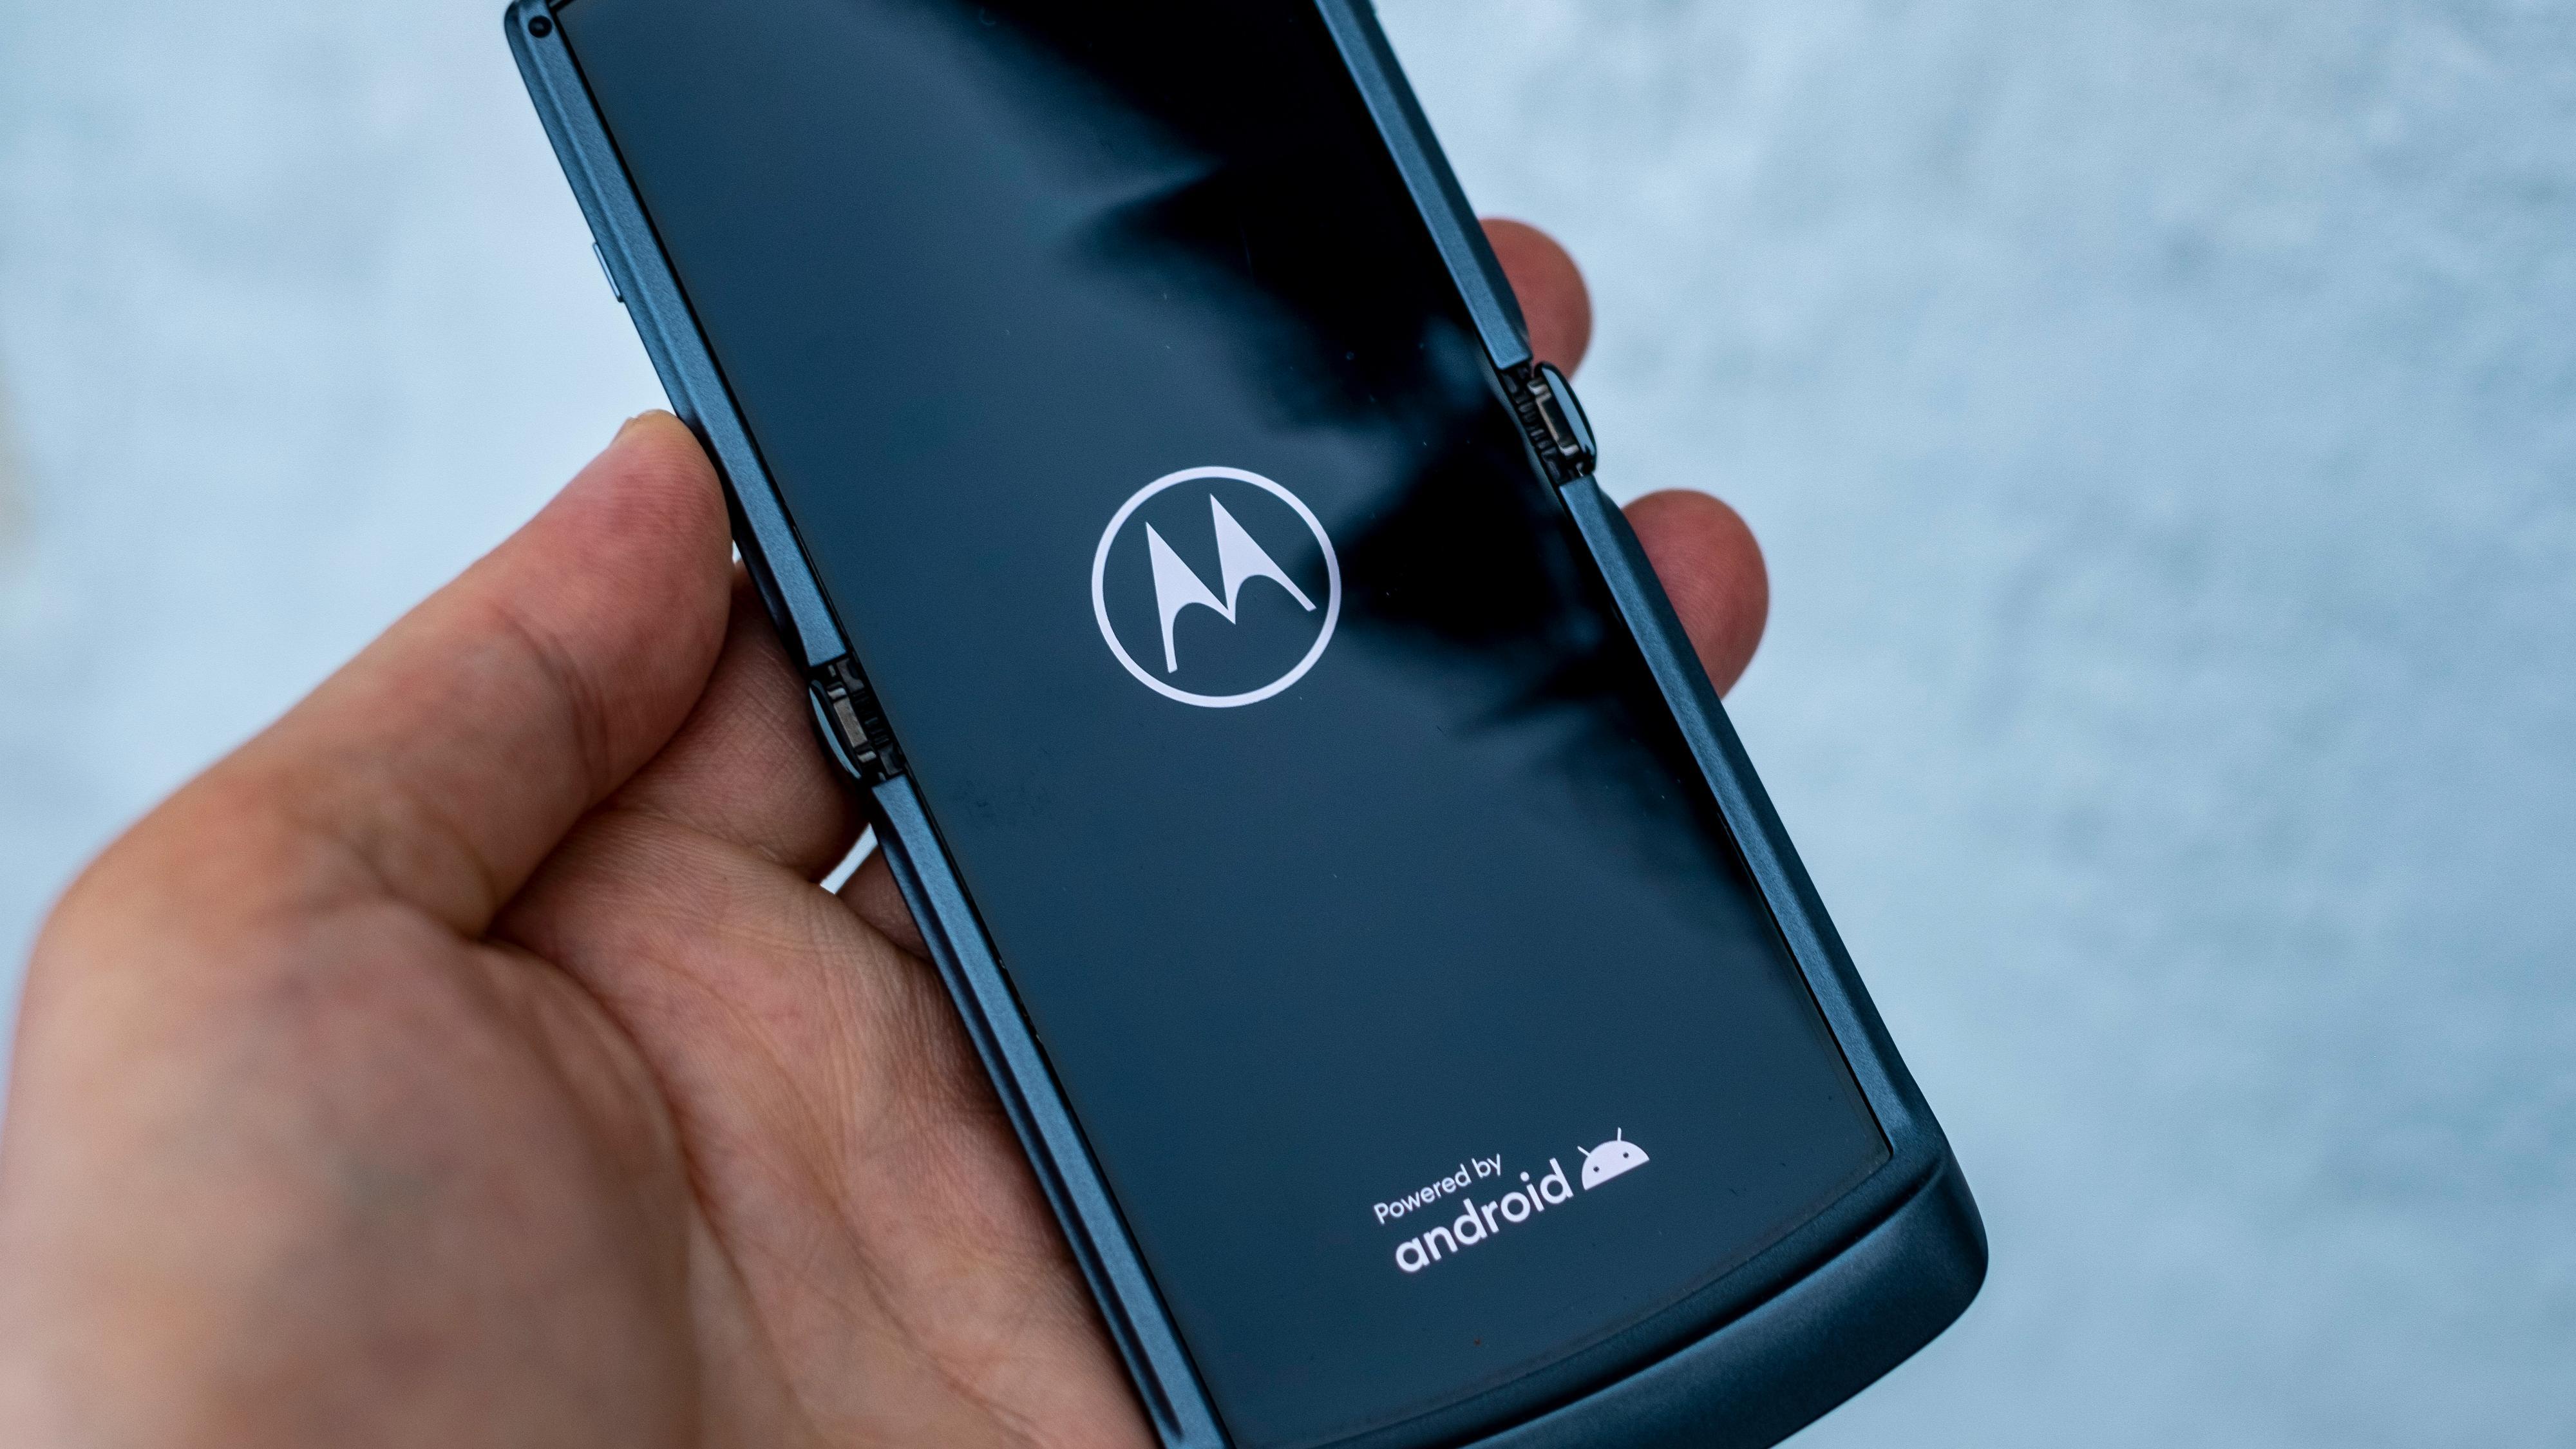 Innerskjermen er ikke helt jevn, men snarere litt bølgete. Det stort sett kun synlig fra riktig vinkel og i riktig lys. Denne egenskapen er Samsungs Galaxy Z Flip bedre på.